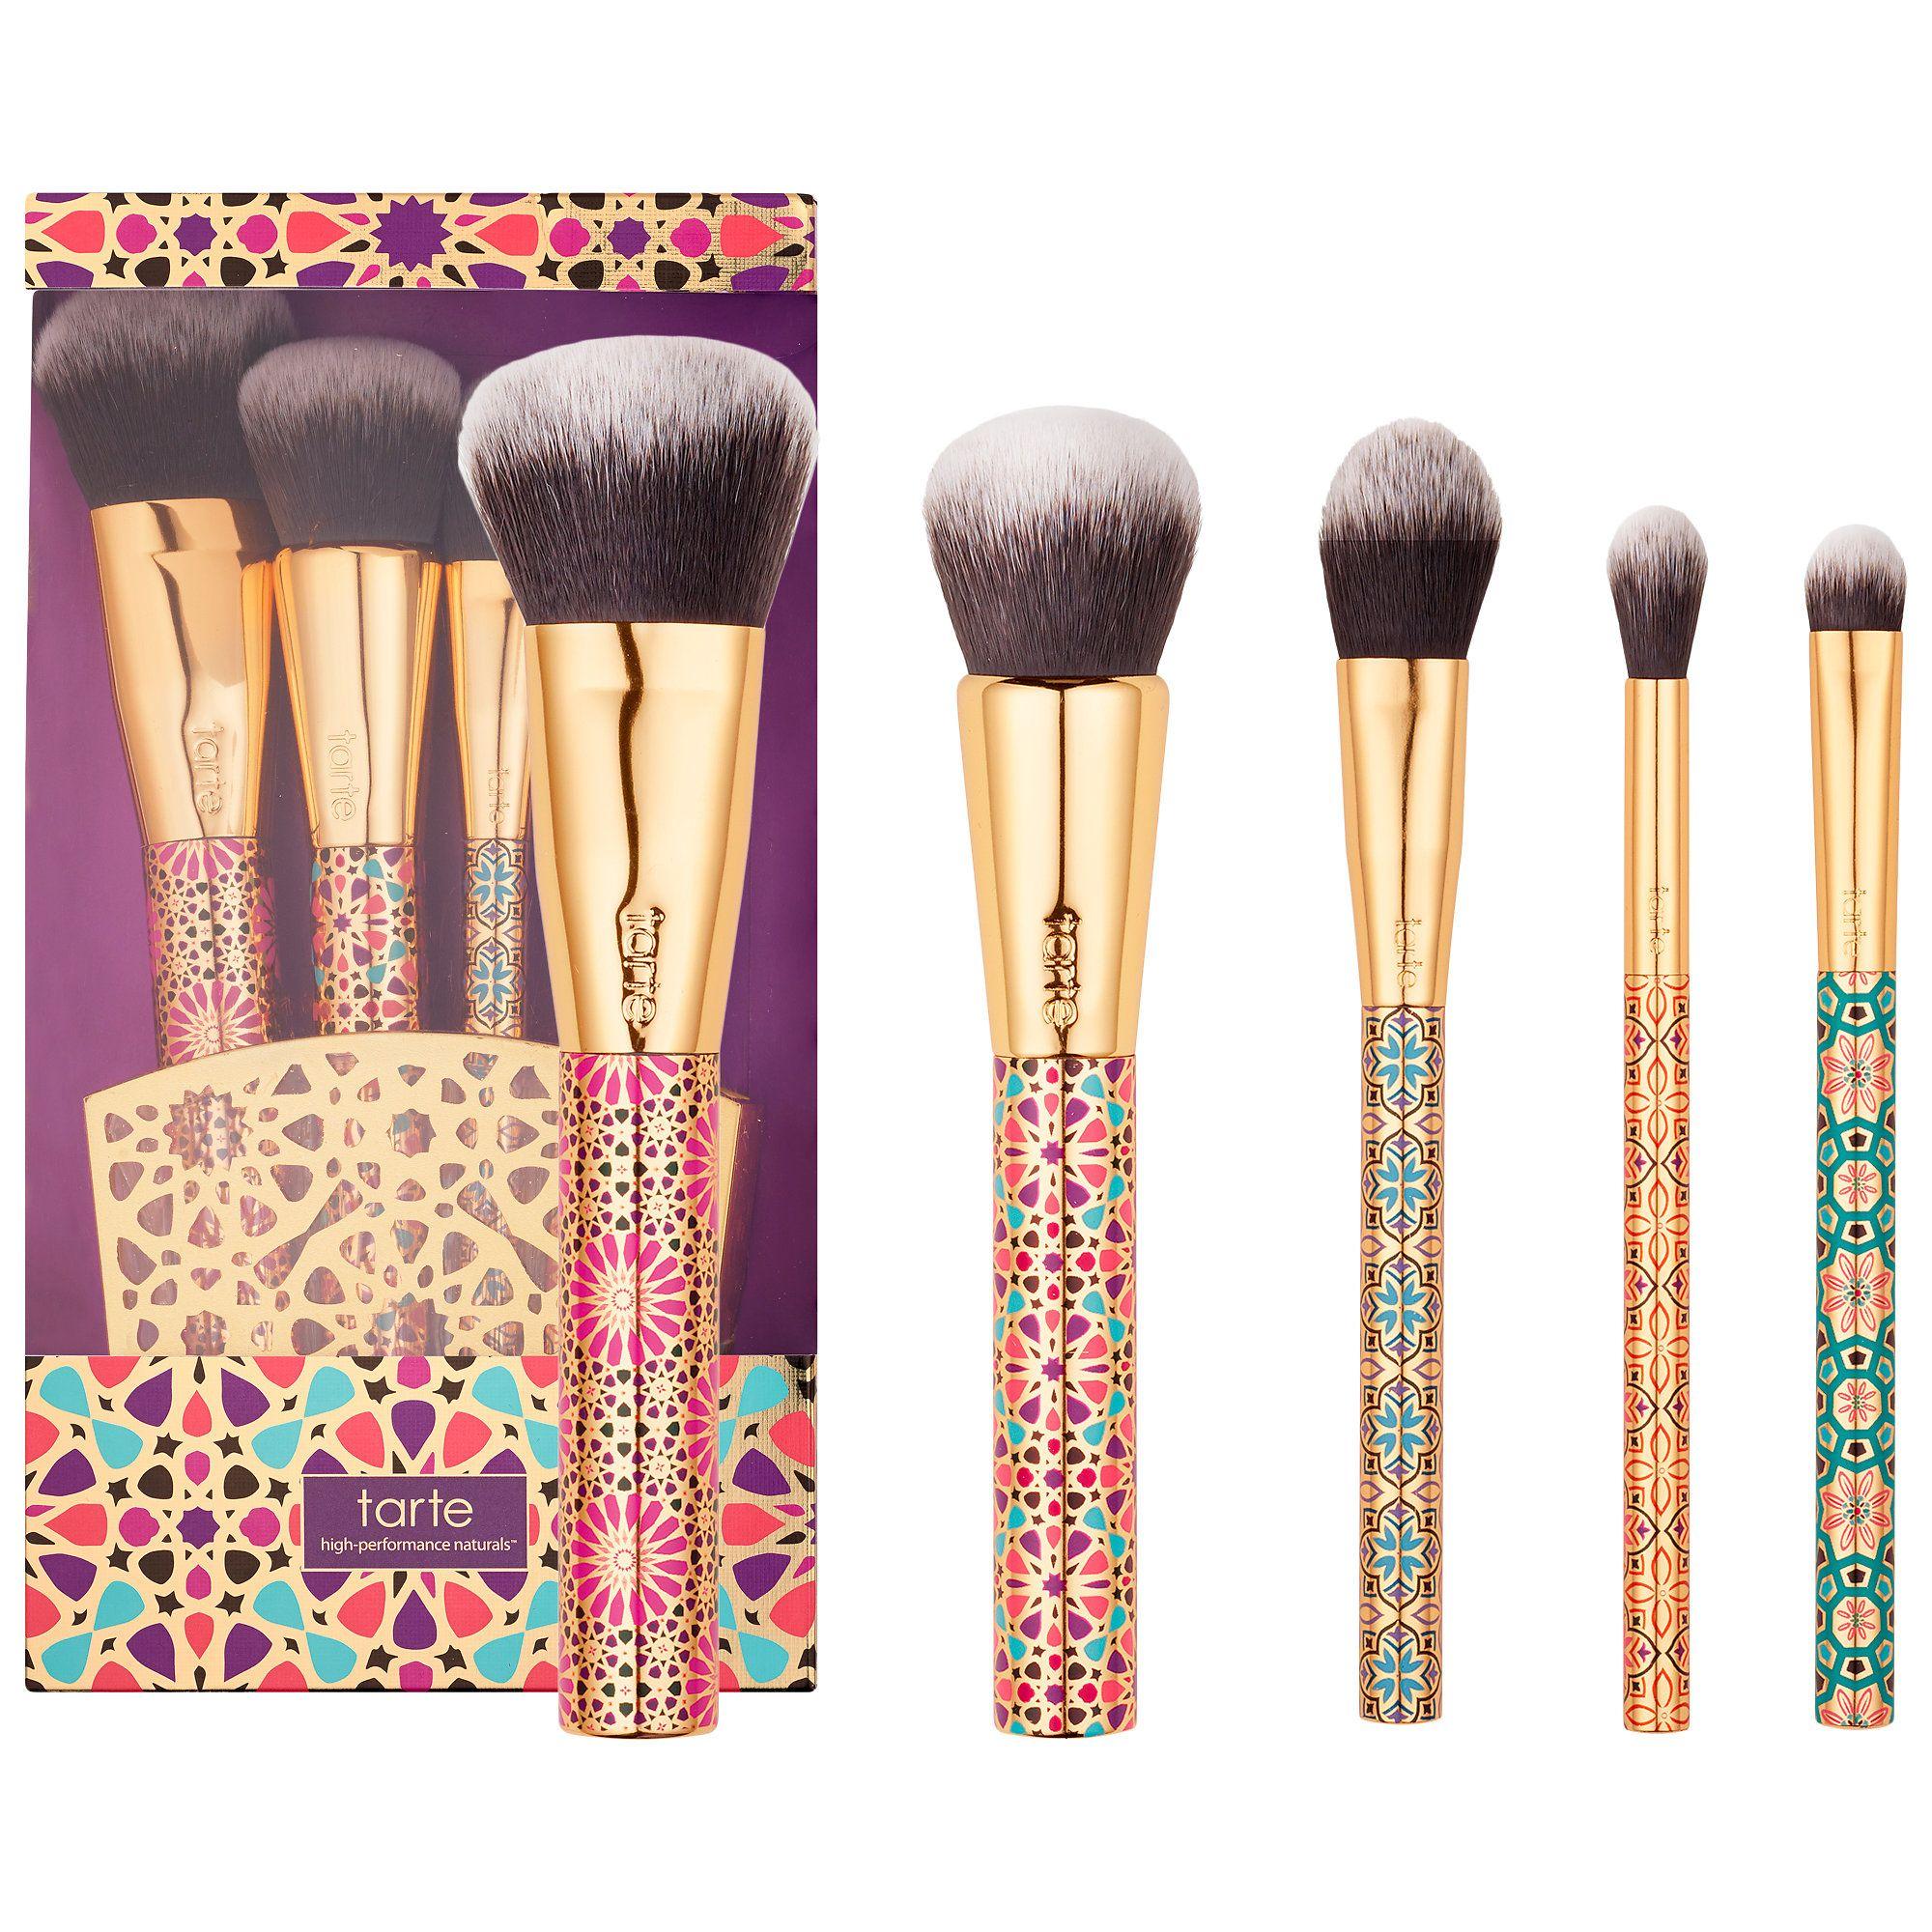 Tarte LimitedEdition Artful Accessories Brush Set, new